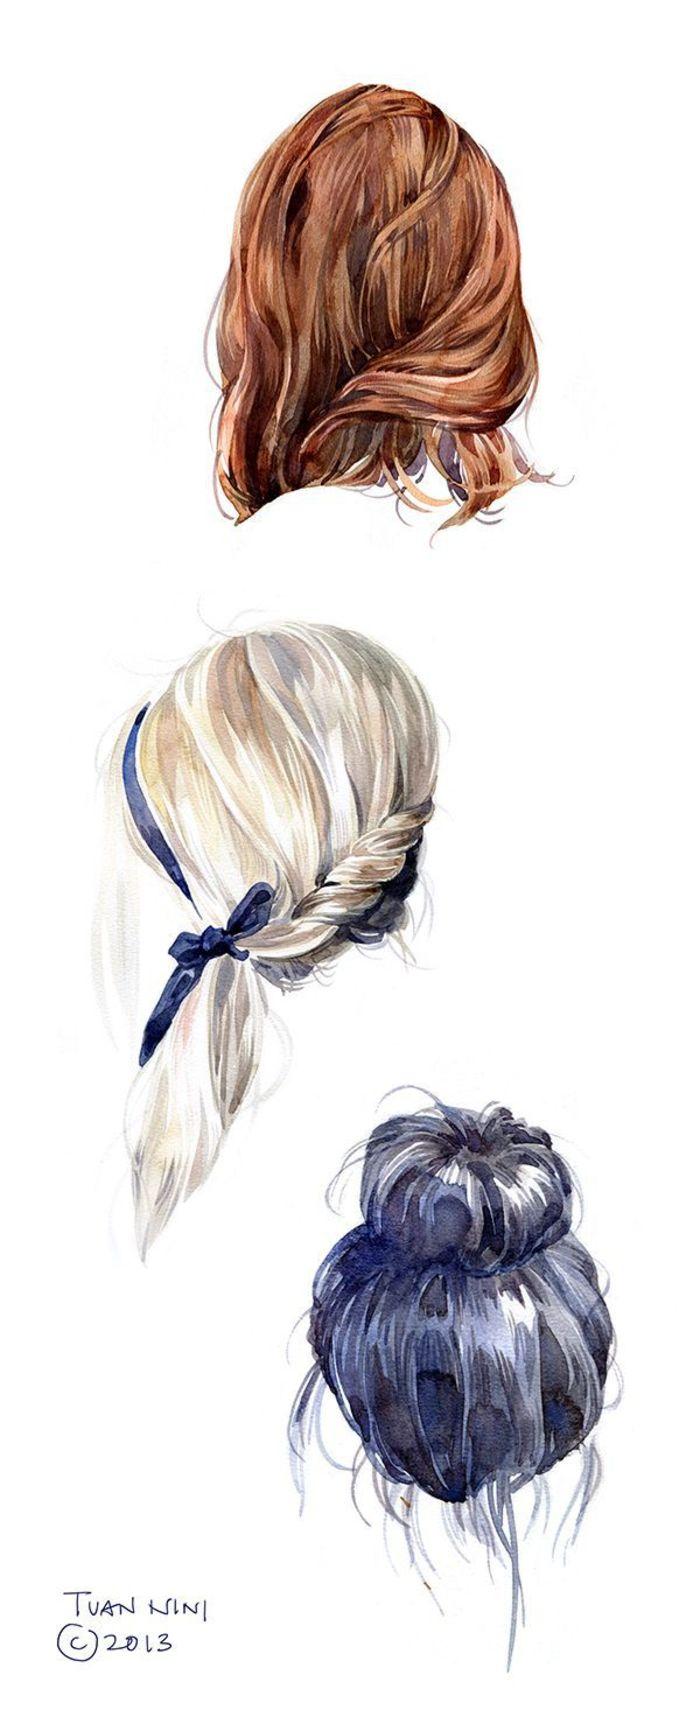 发型-水彩画图集